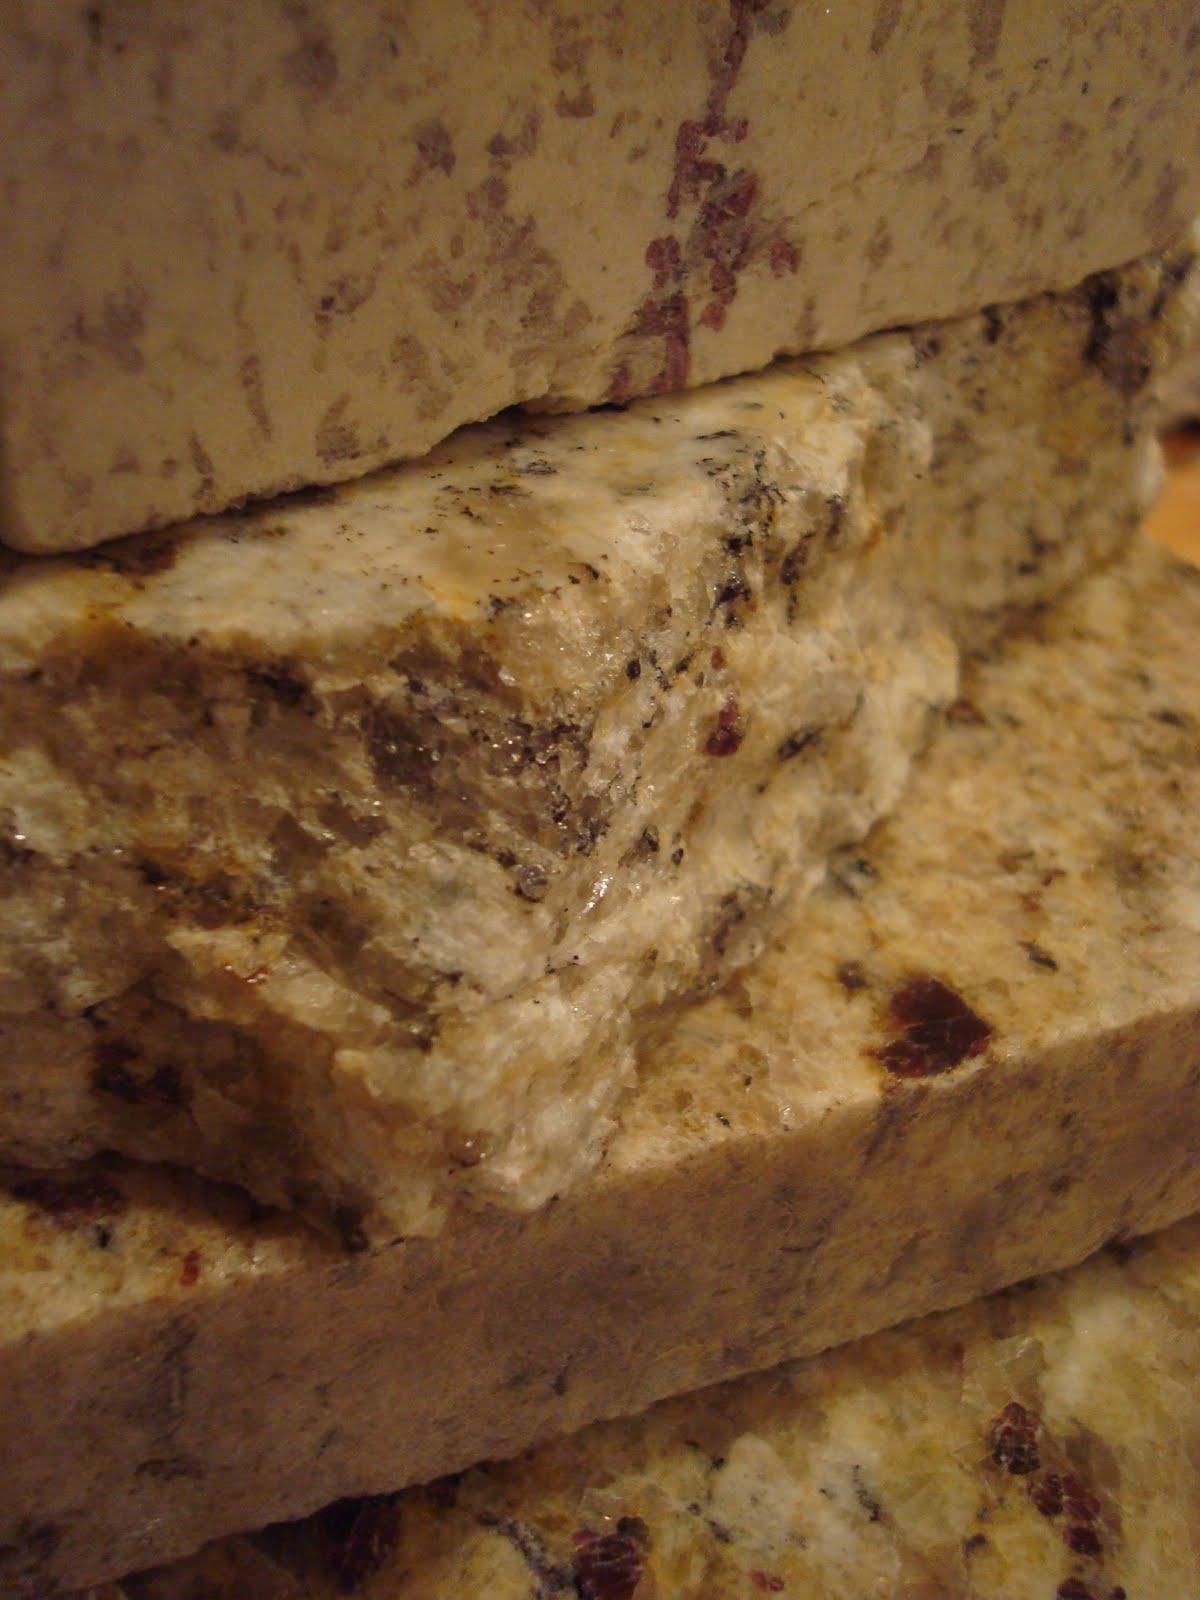 D Dzine Taking Things For Granite